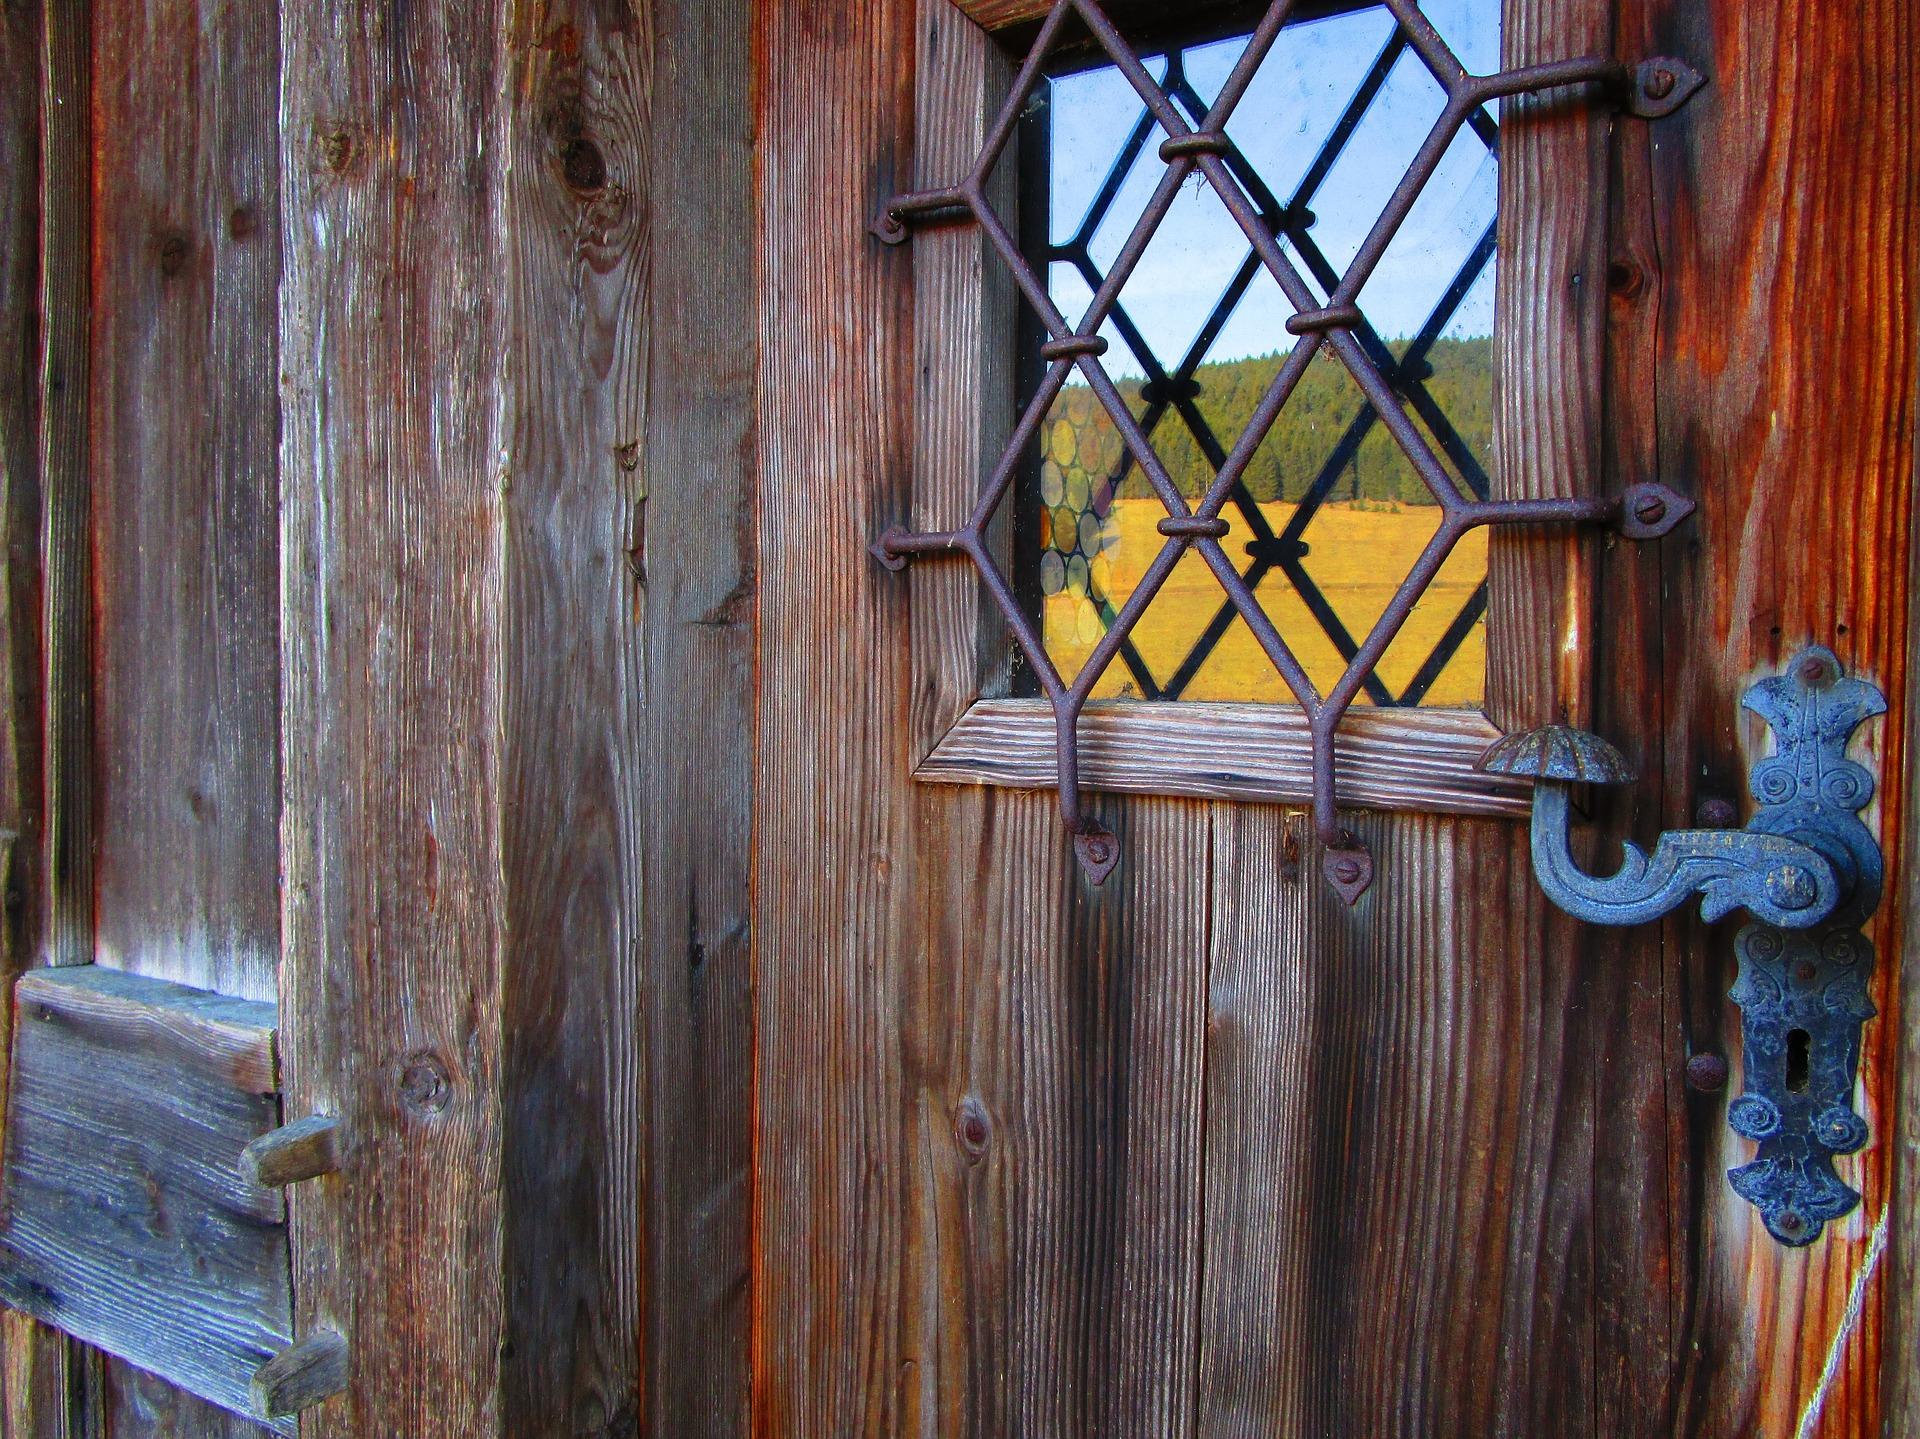 door-2102603_1920